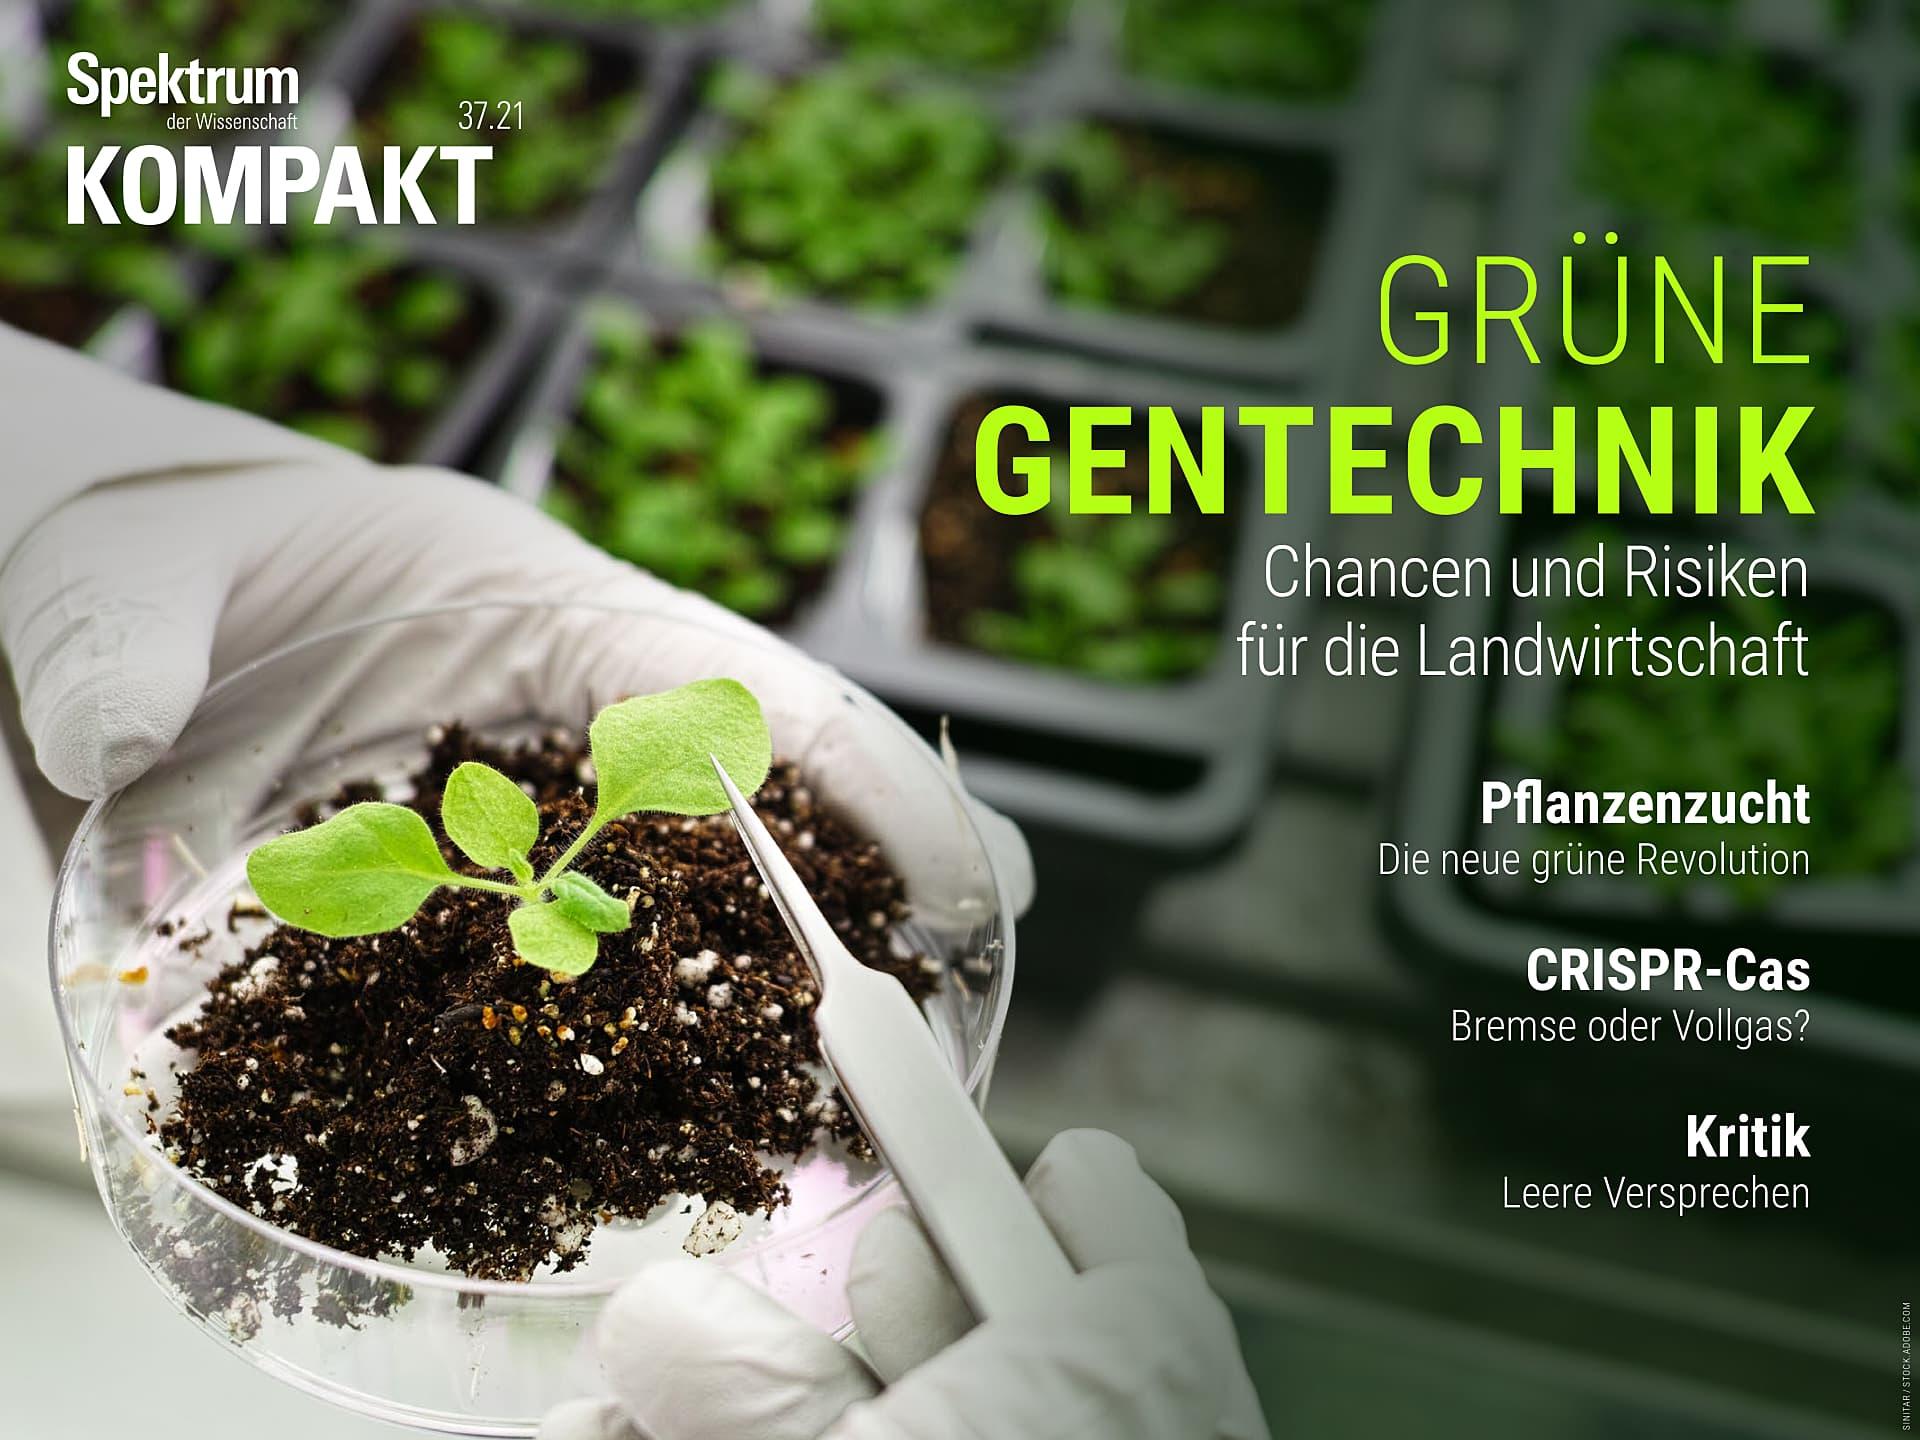 Grüne Gentechnik - Chancen und Risiken für die Landwirtschaft